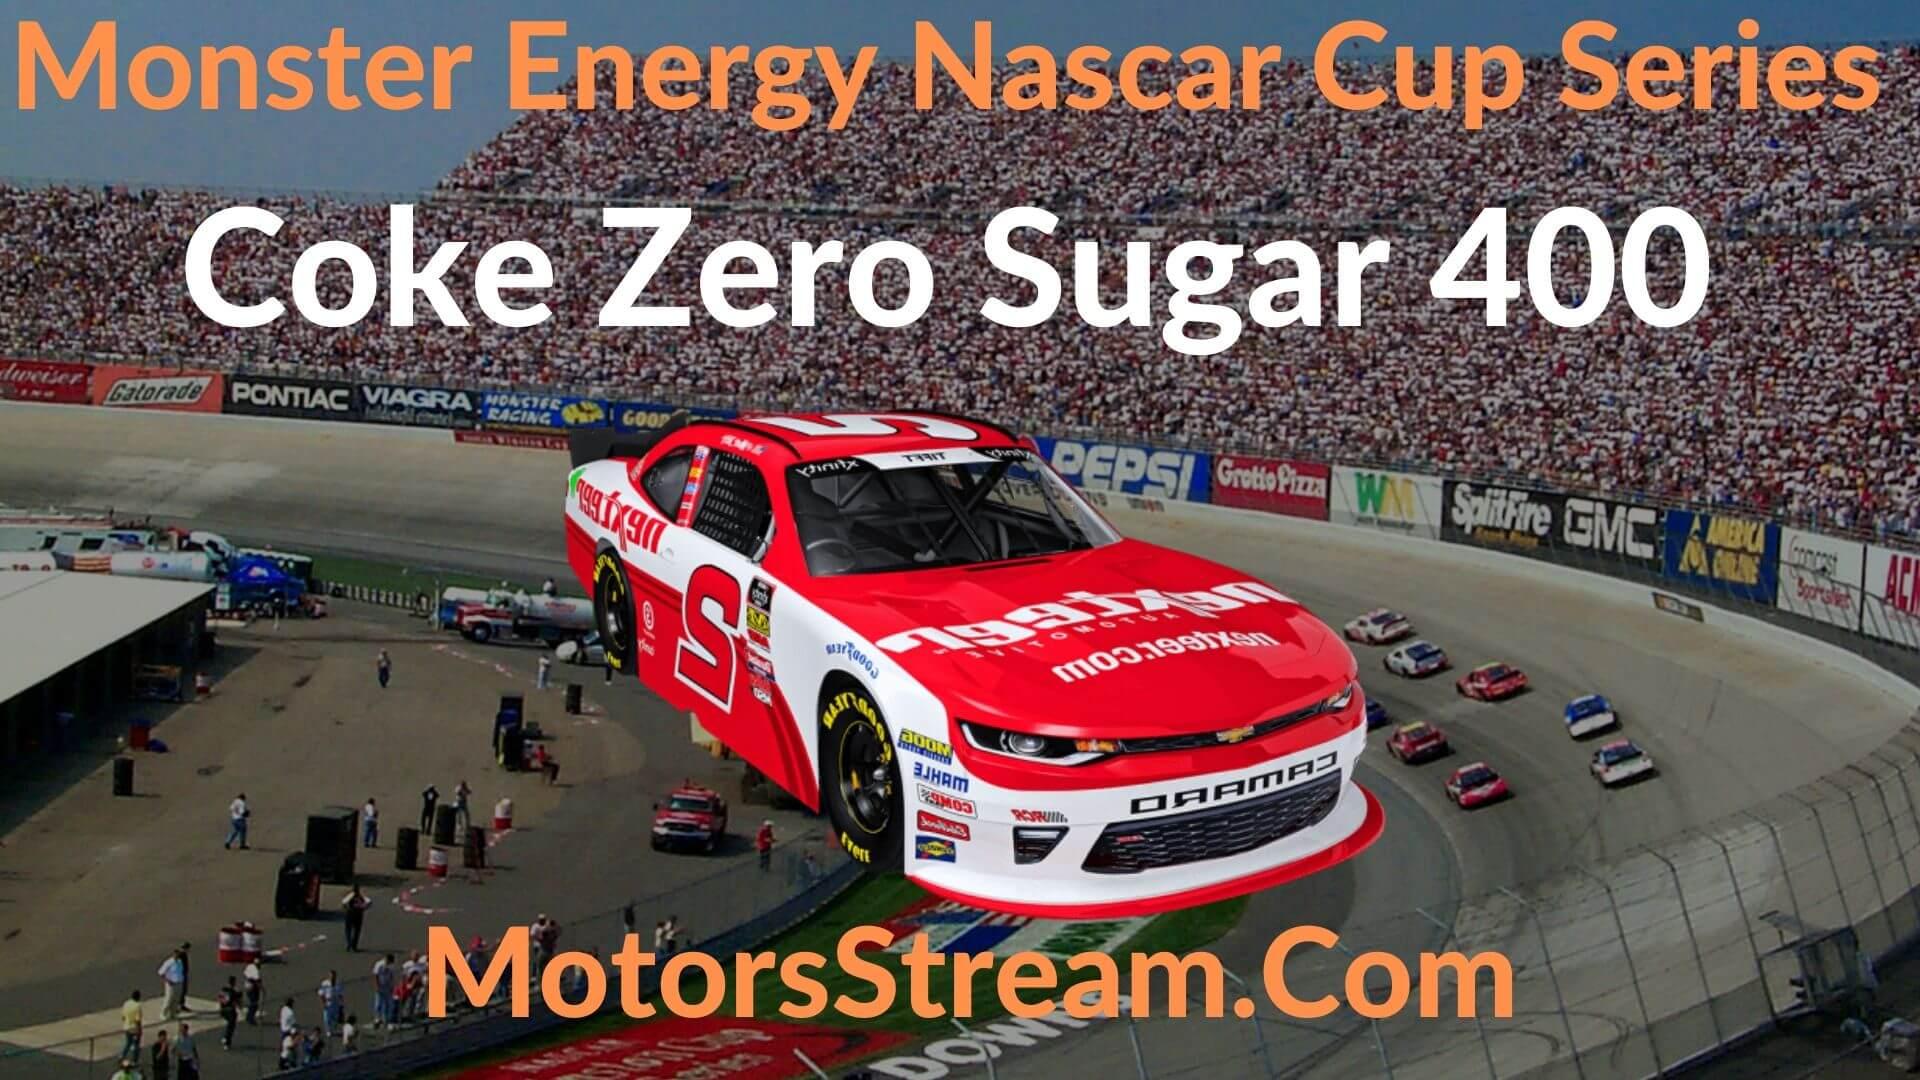 coke-zero-sugar-400-live-stream-nascar-cup